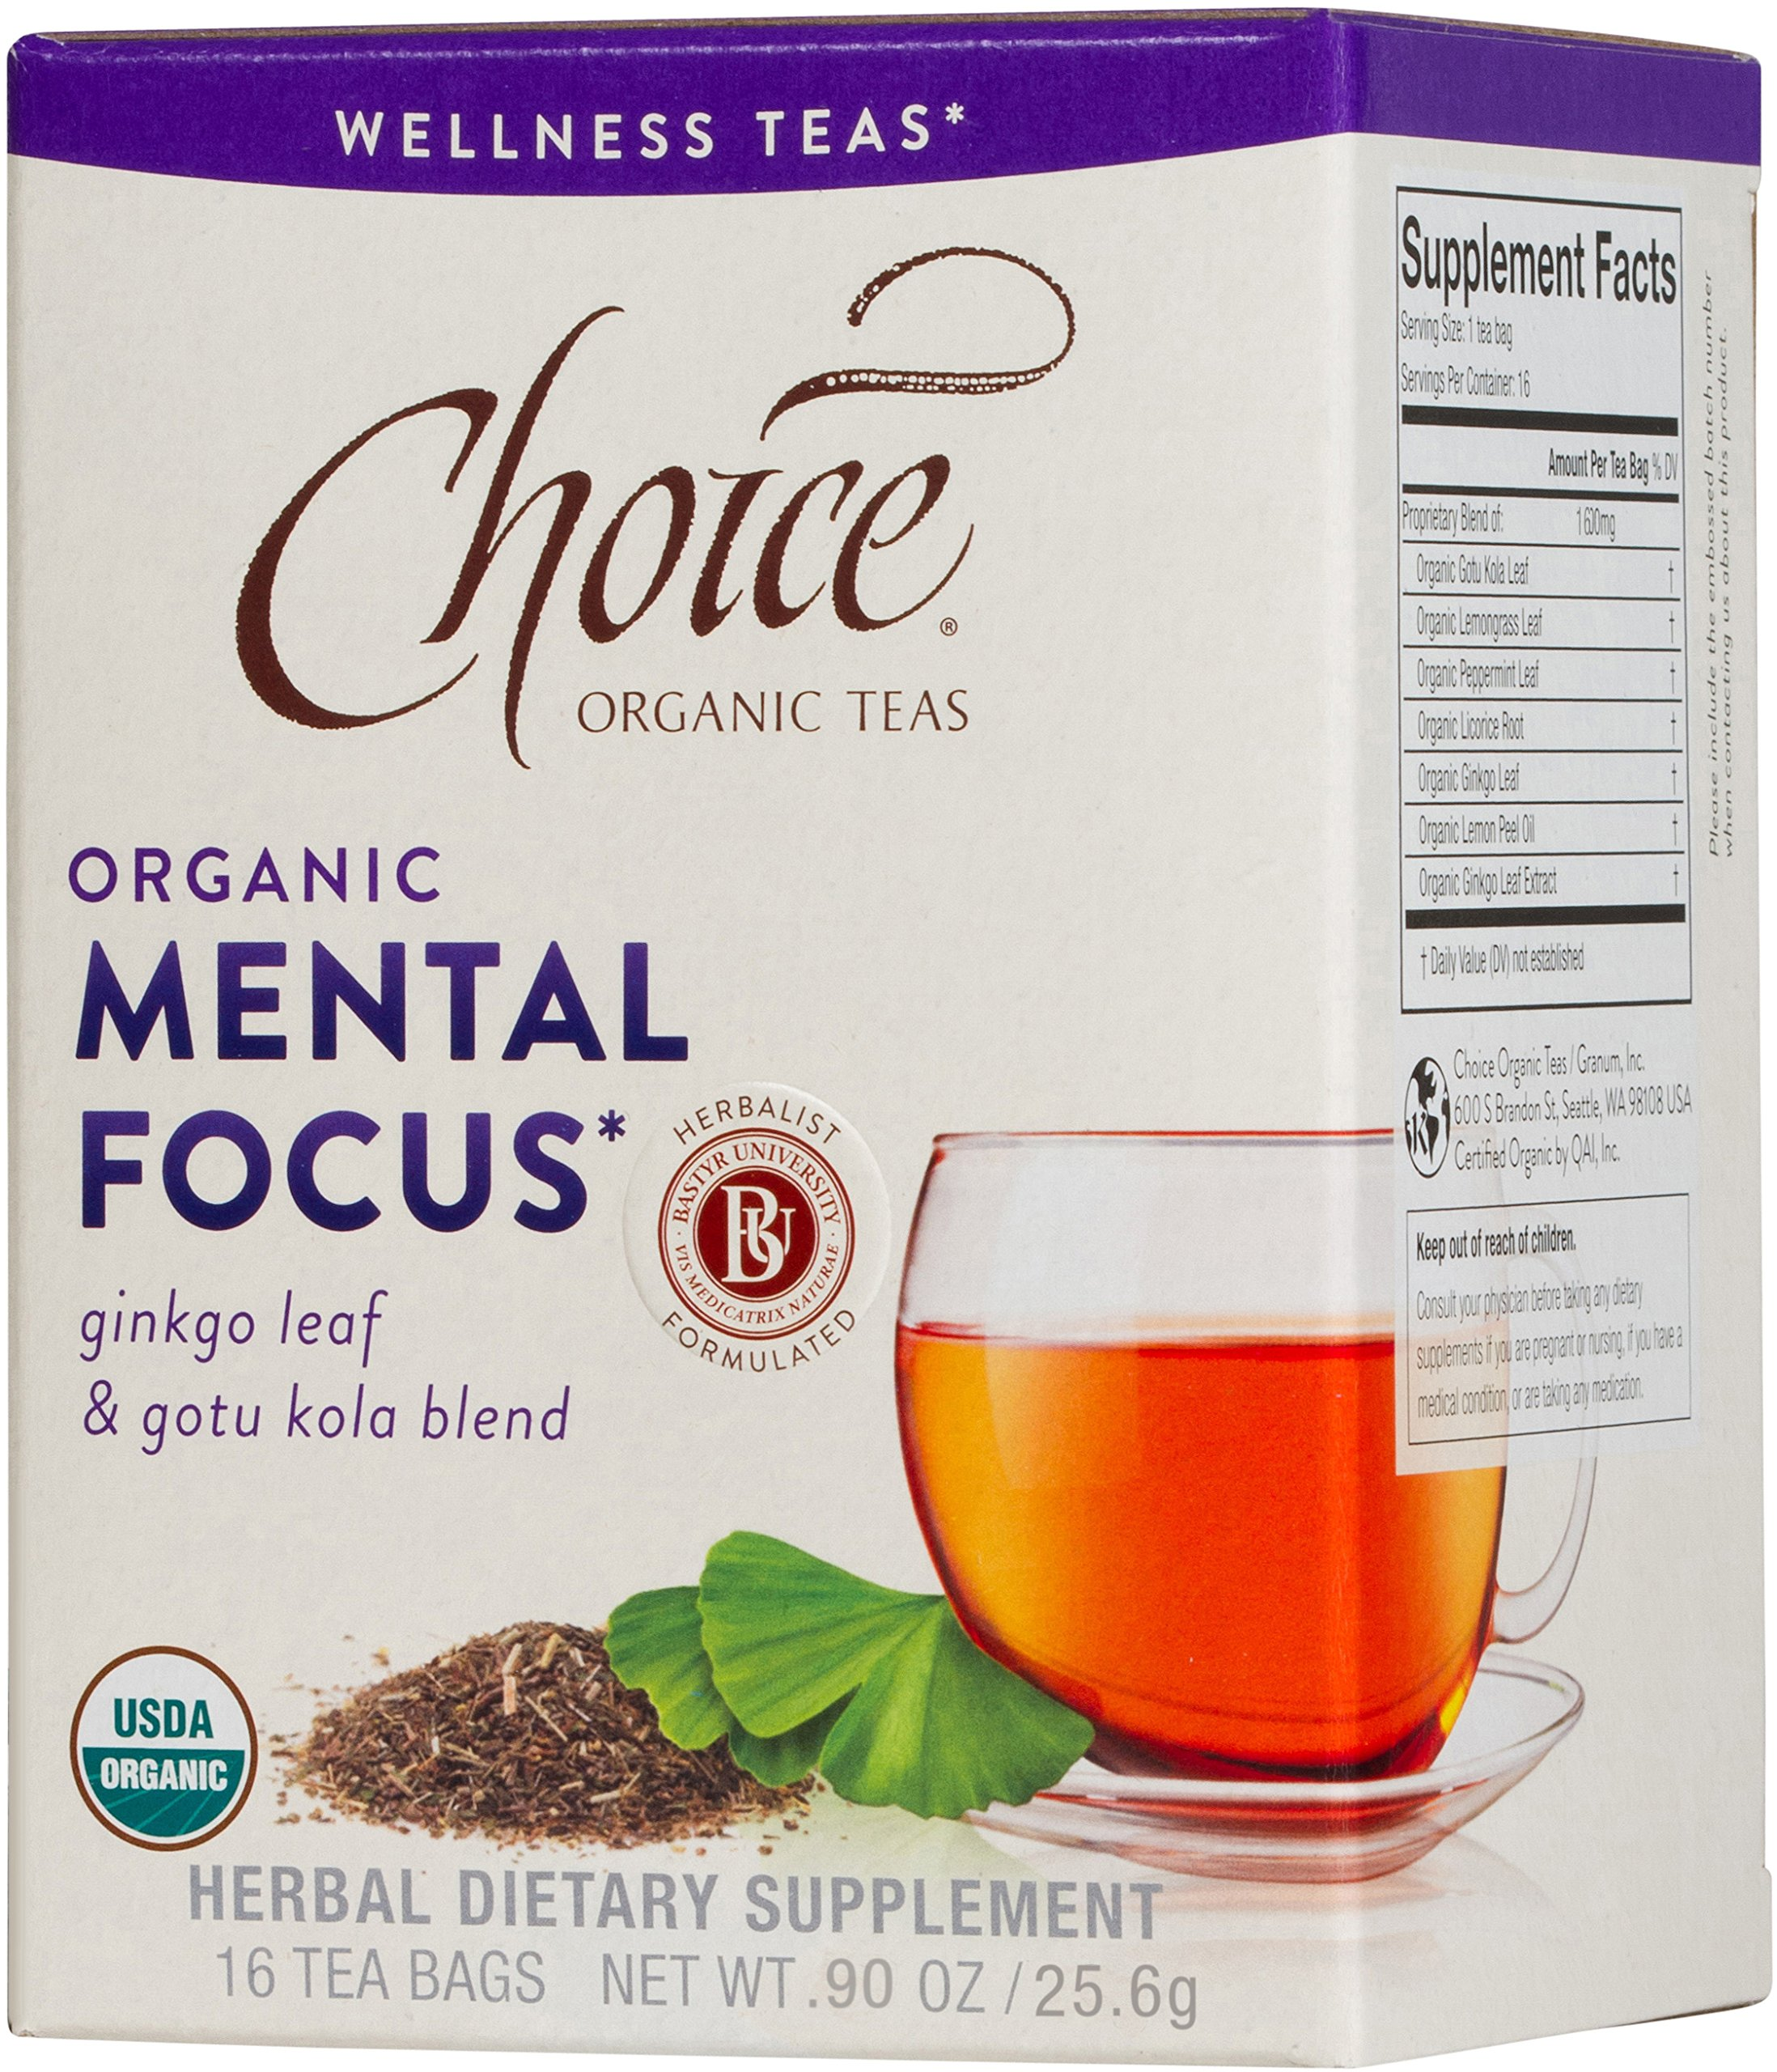 Choice Organic Teas, Mental Focus Wellness Tea, 16 Count